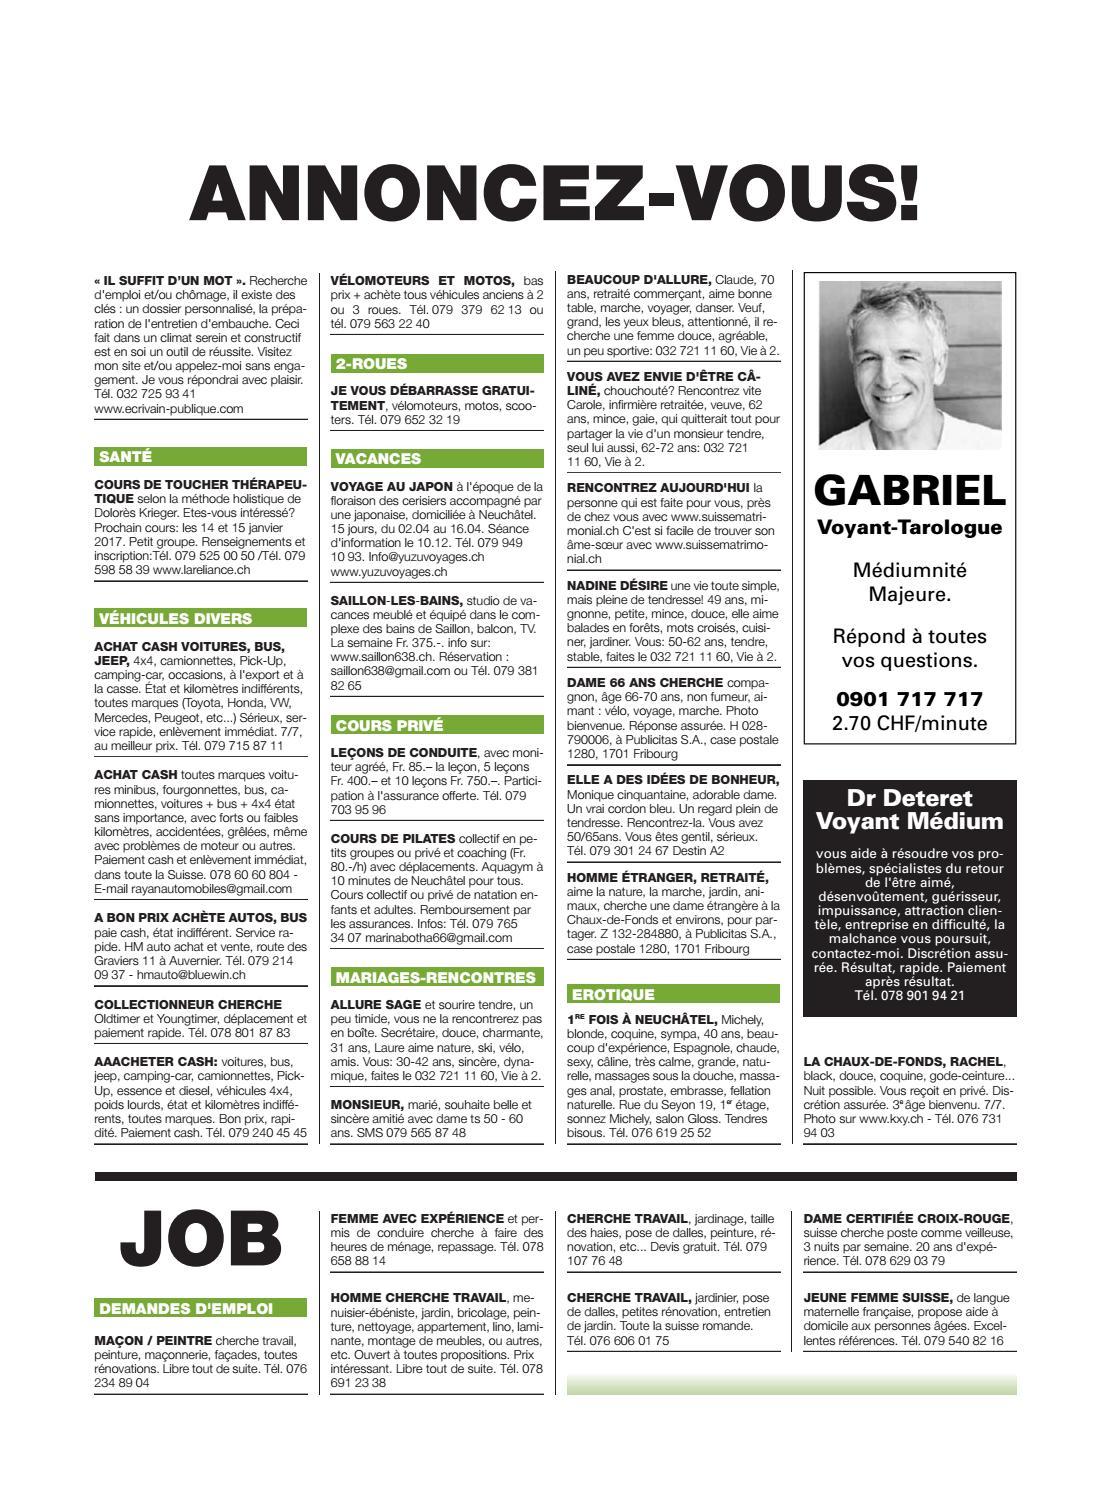 Site rencontre espagnol gratuit image 3